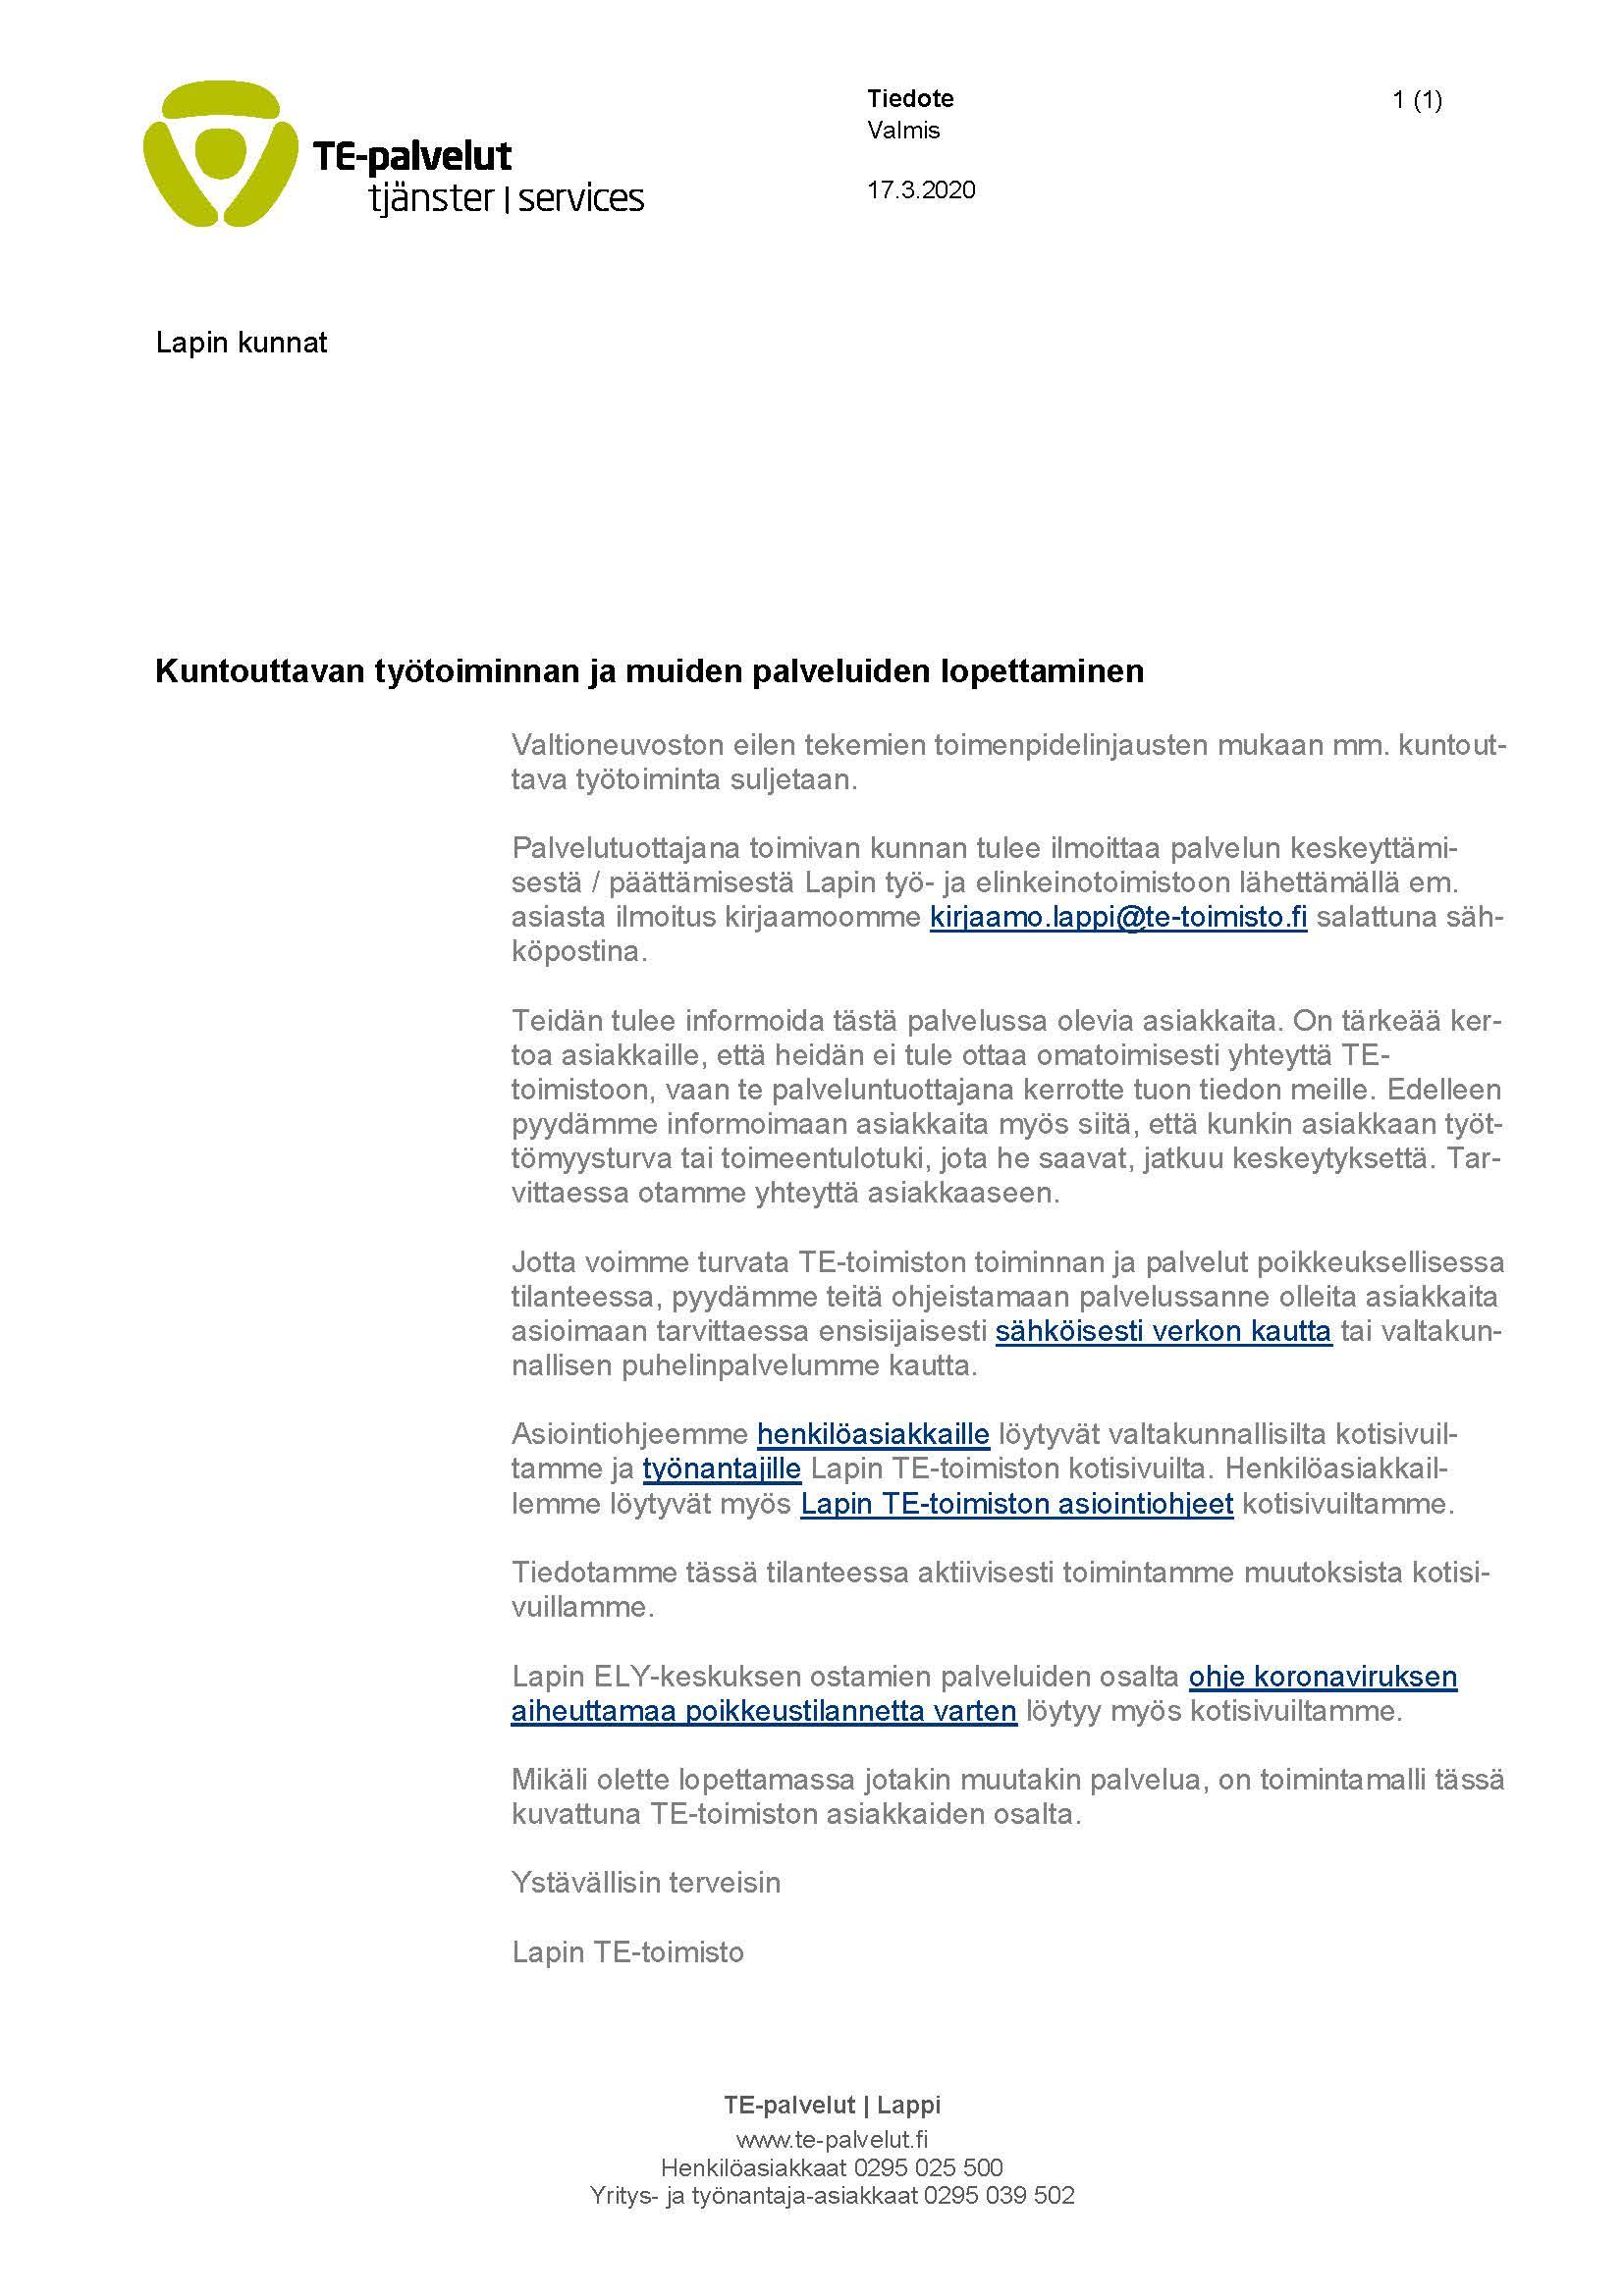 AVI Pohjois-Suomen alueellinen valmiustoimikunta - Viranomaiset varautuvat yhteistyöhön alueellisissa koronaviruksen ilmaantumisissa (Pohjois-Suomi)